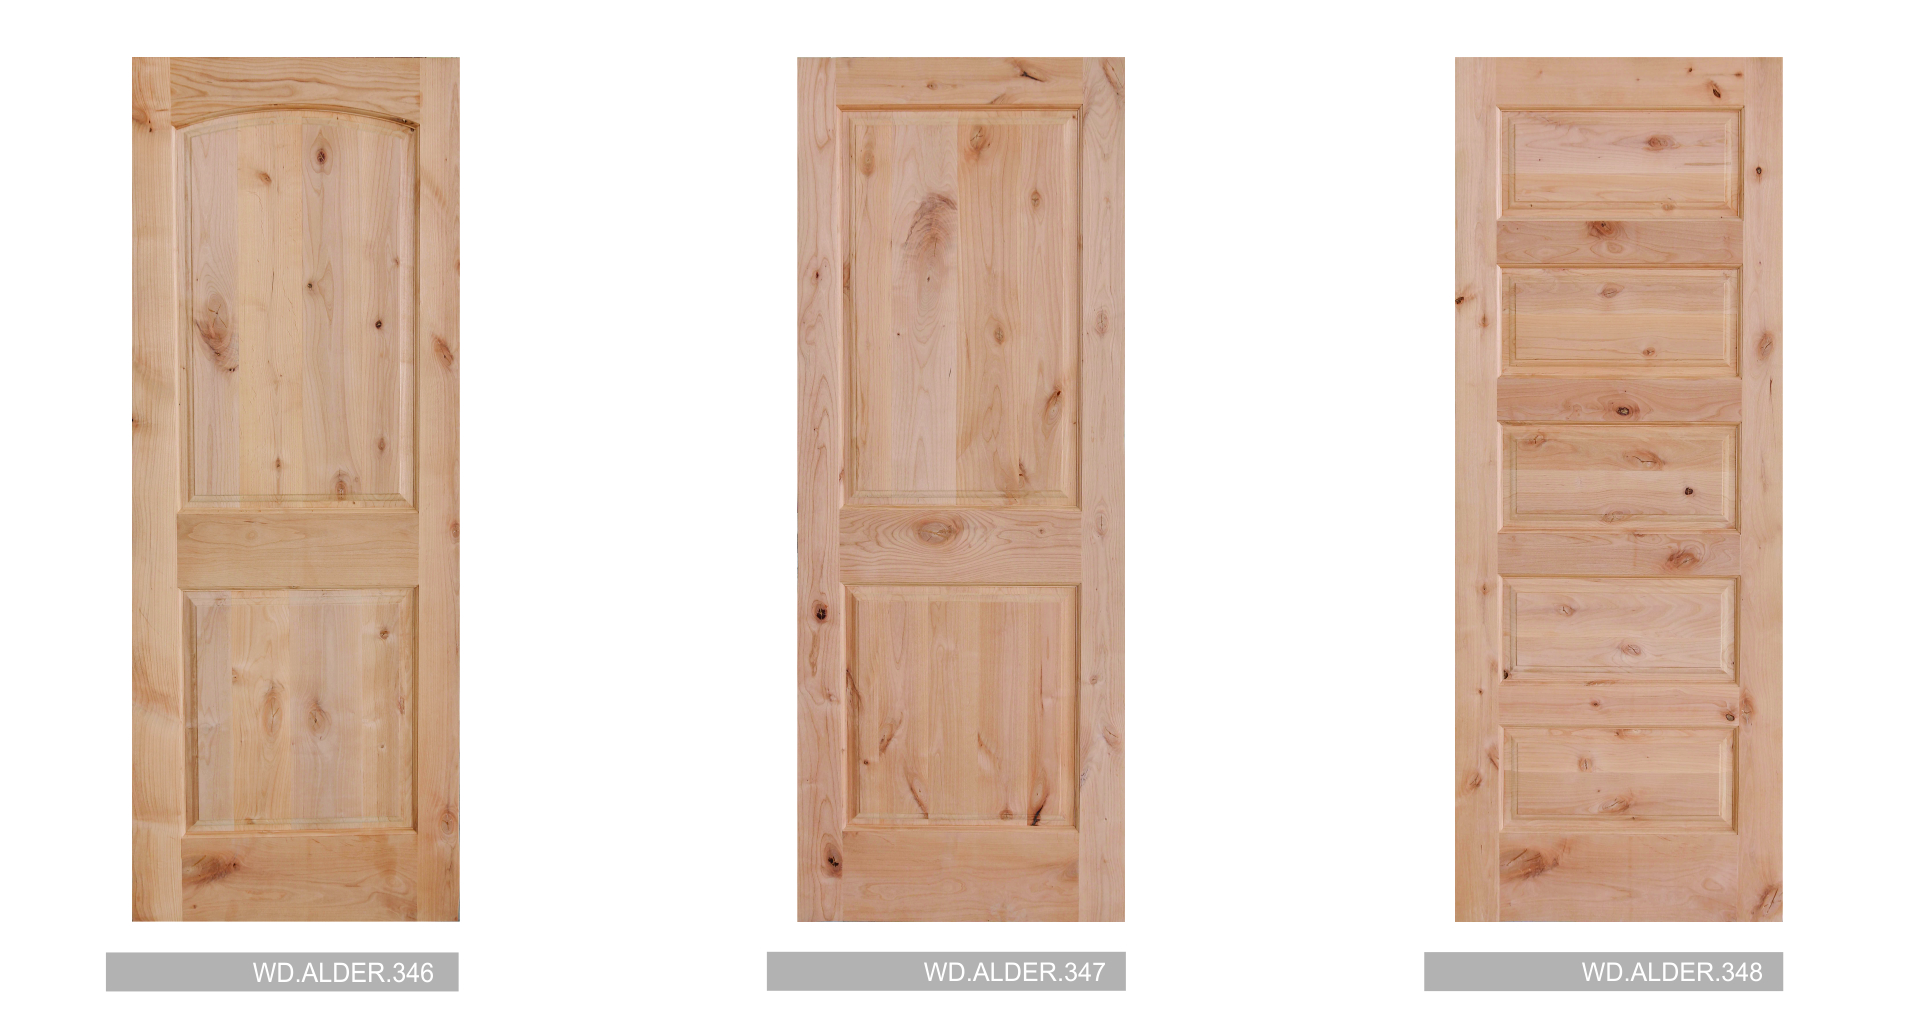 Knotty alder doors wooddoors for Knotty alder wood doors